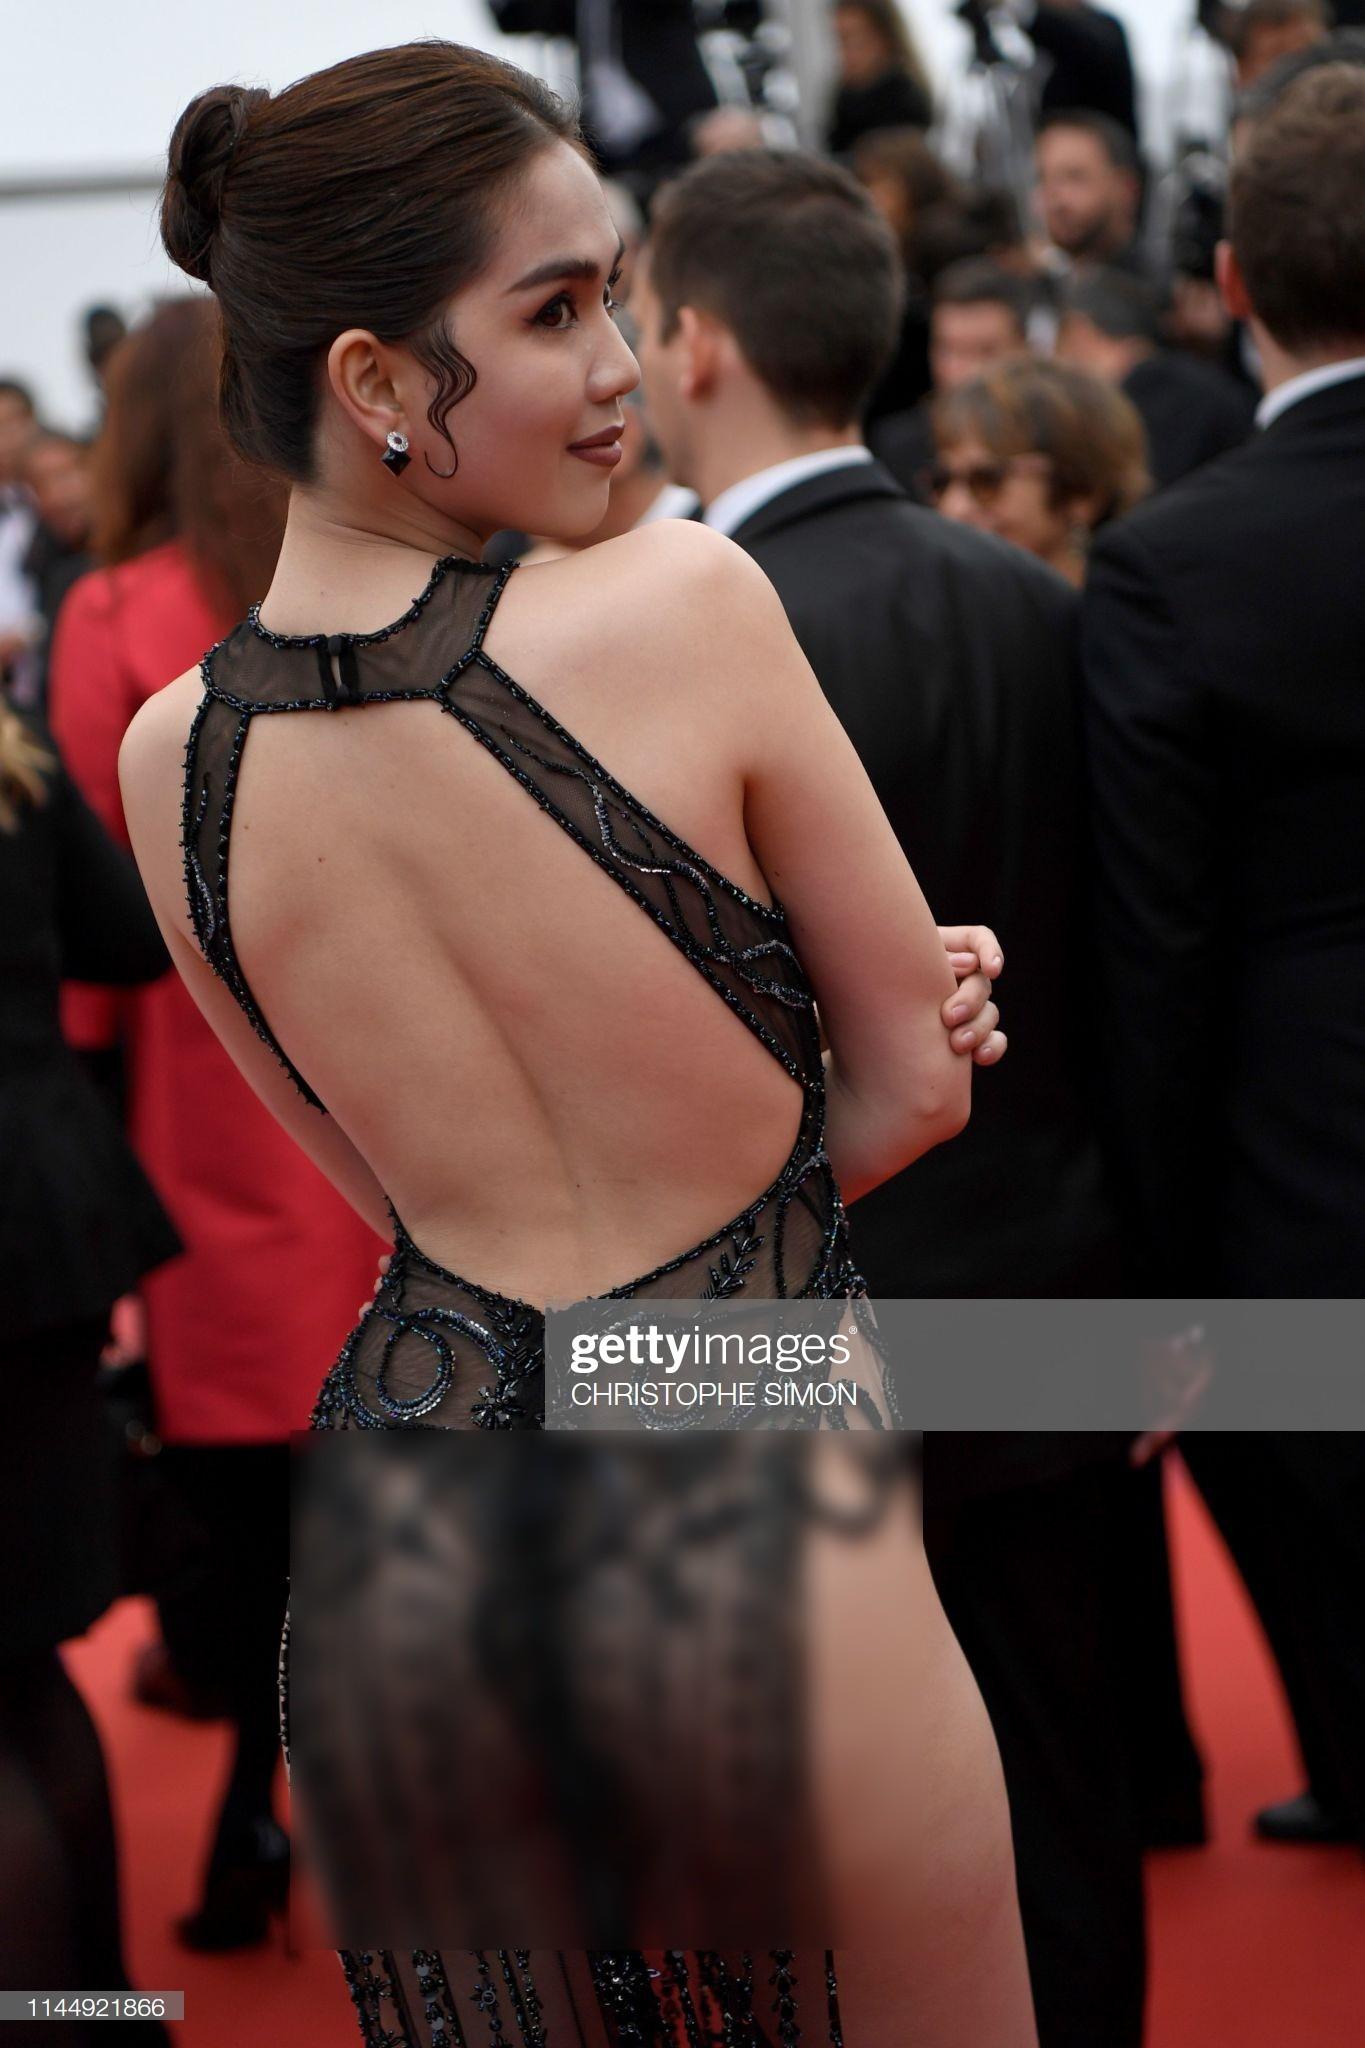 Đọ nhan sắc của Ngọc Trinh trên thảm đỏ Cannes khi chưa và đã qua phù thuỷ photoshop - Ảnh 12.